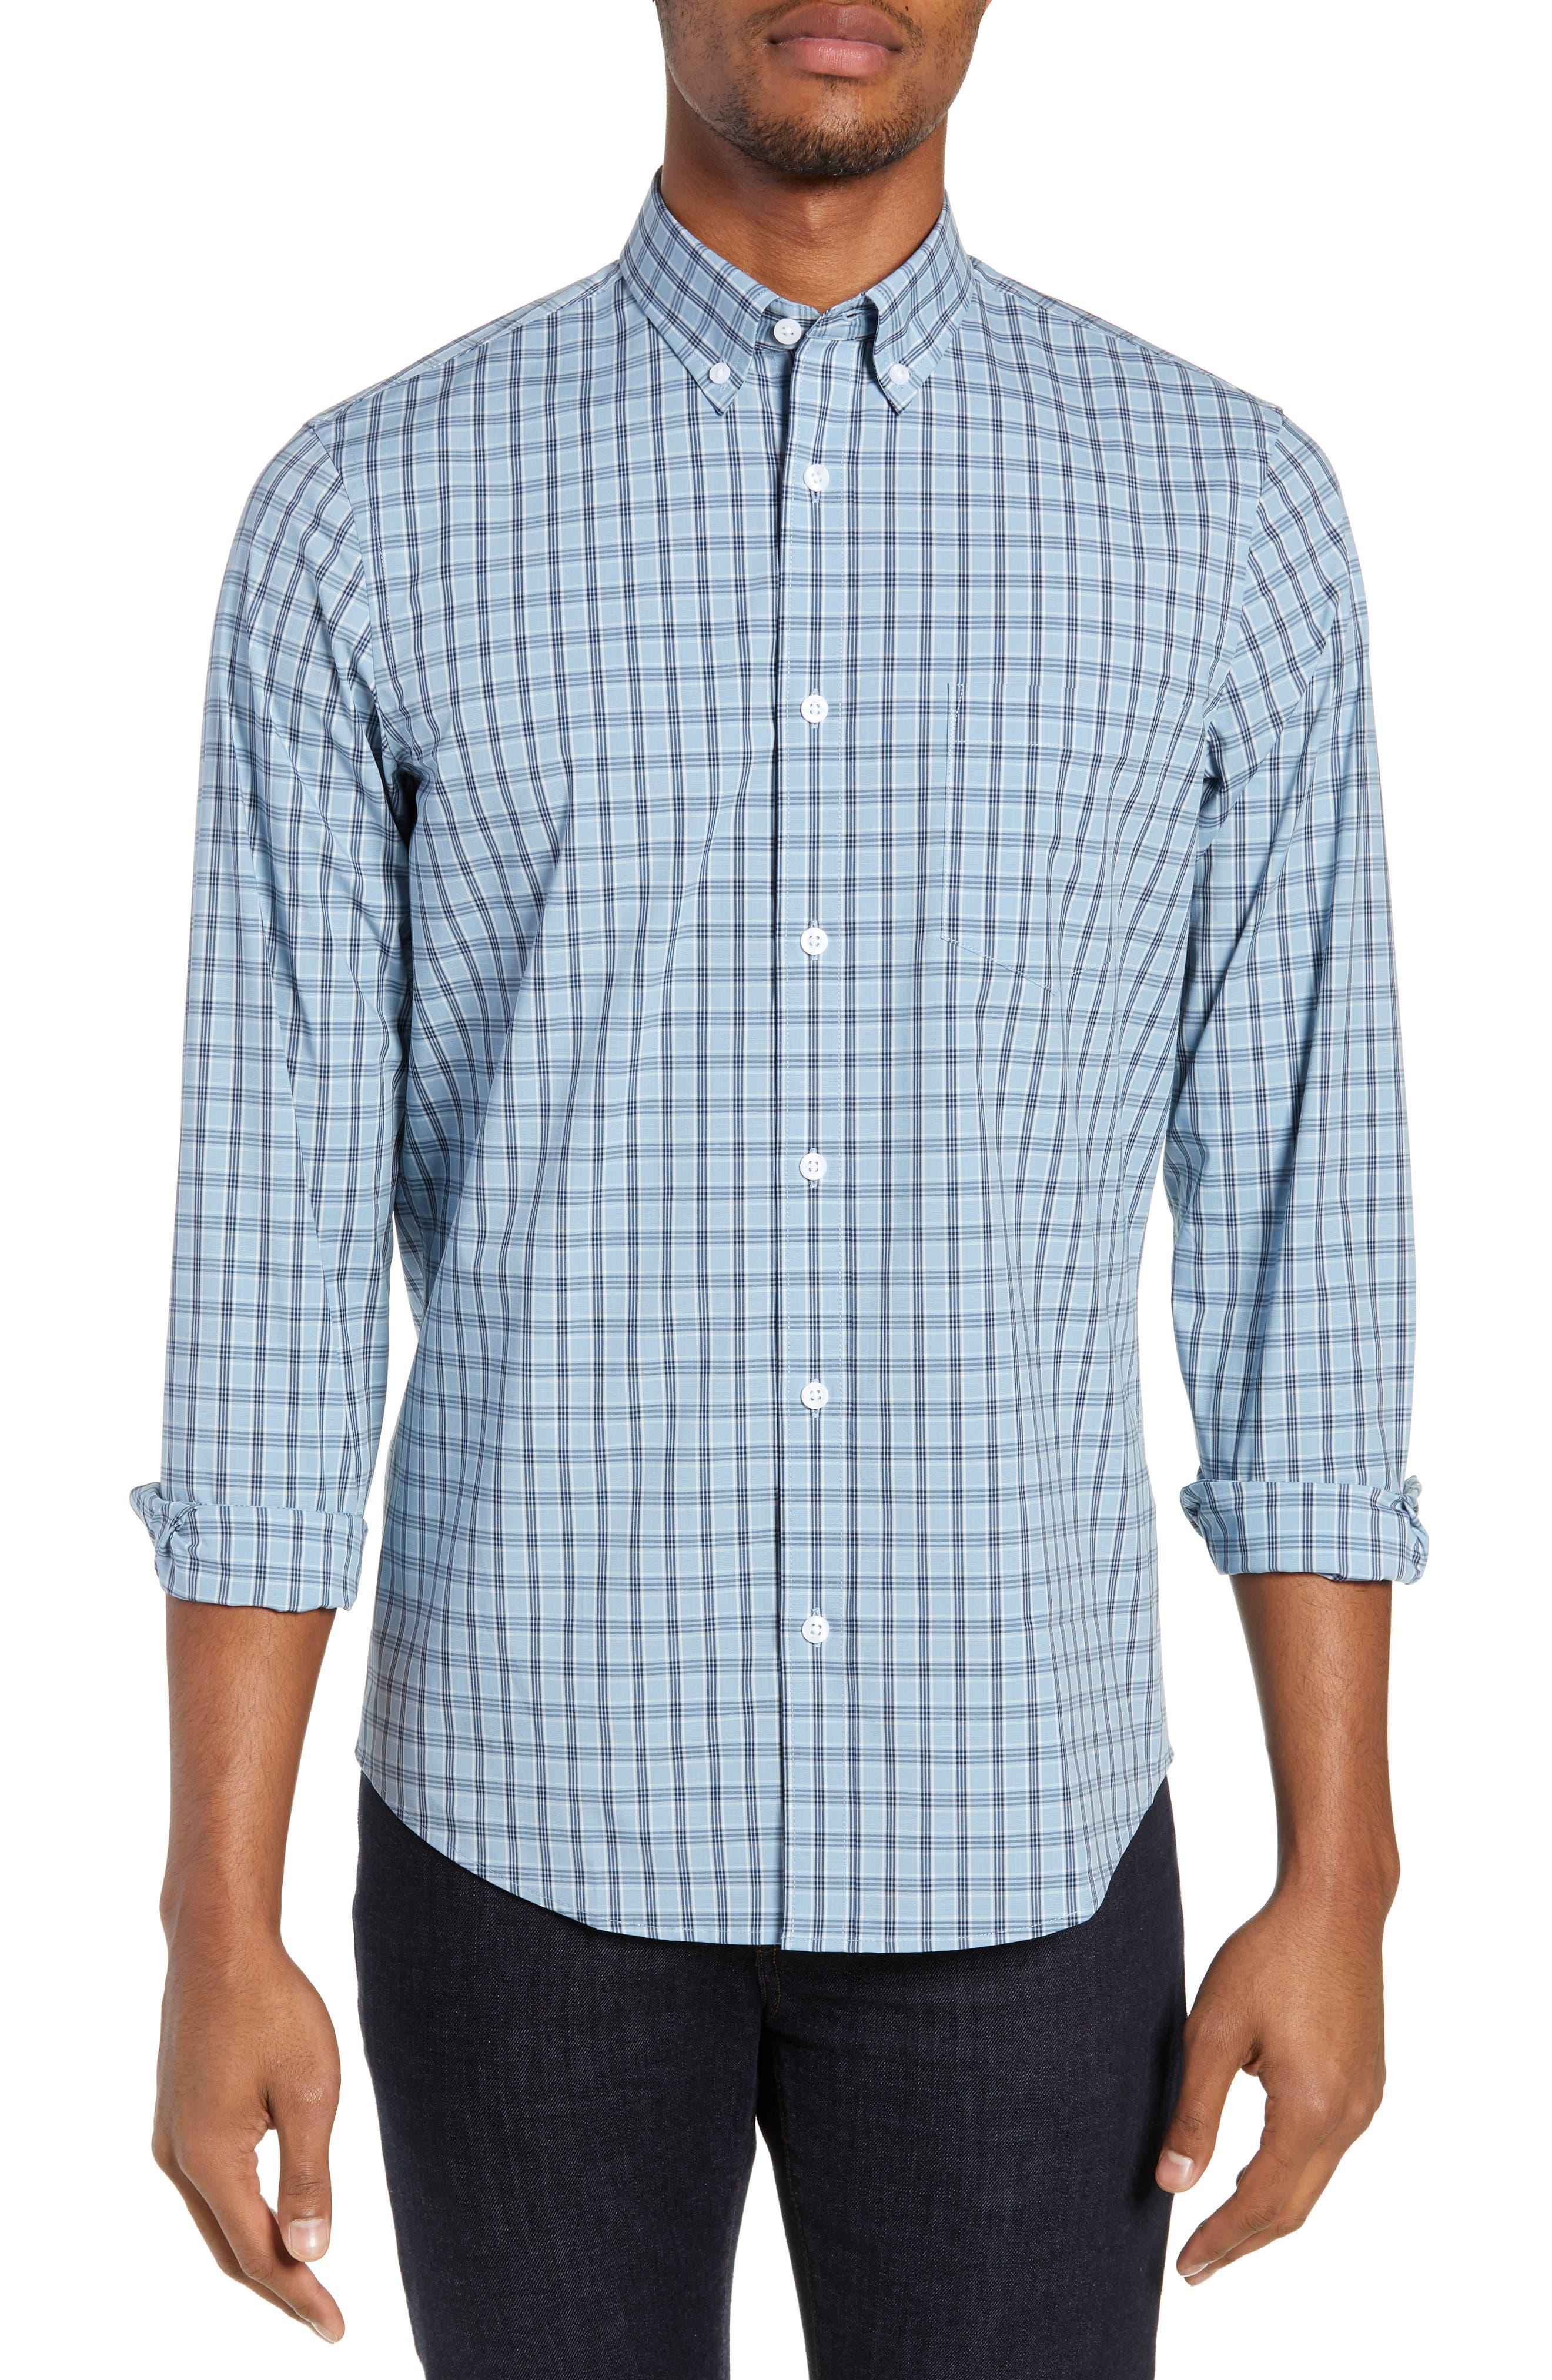 Tech-Smart Slim Fit Plaid Sport Shirt,                             Main thumbnail 1, color,                             BLUE HEAVEN HEATHER CHECK